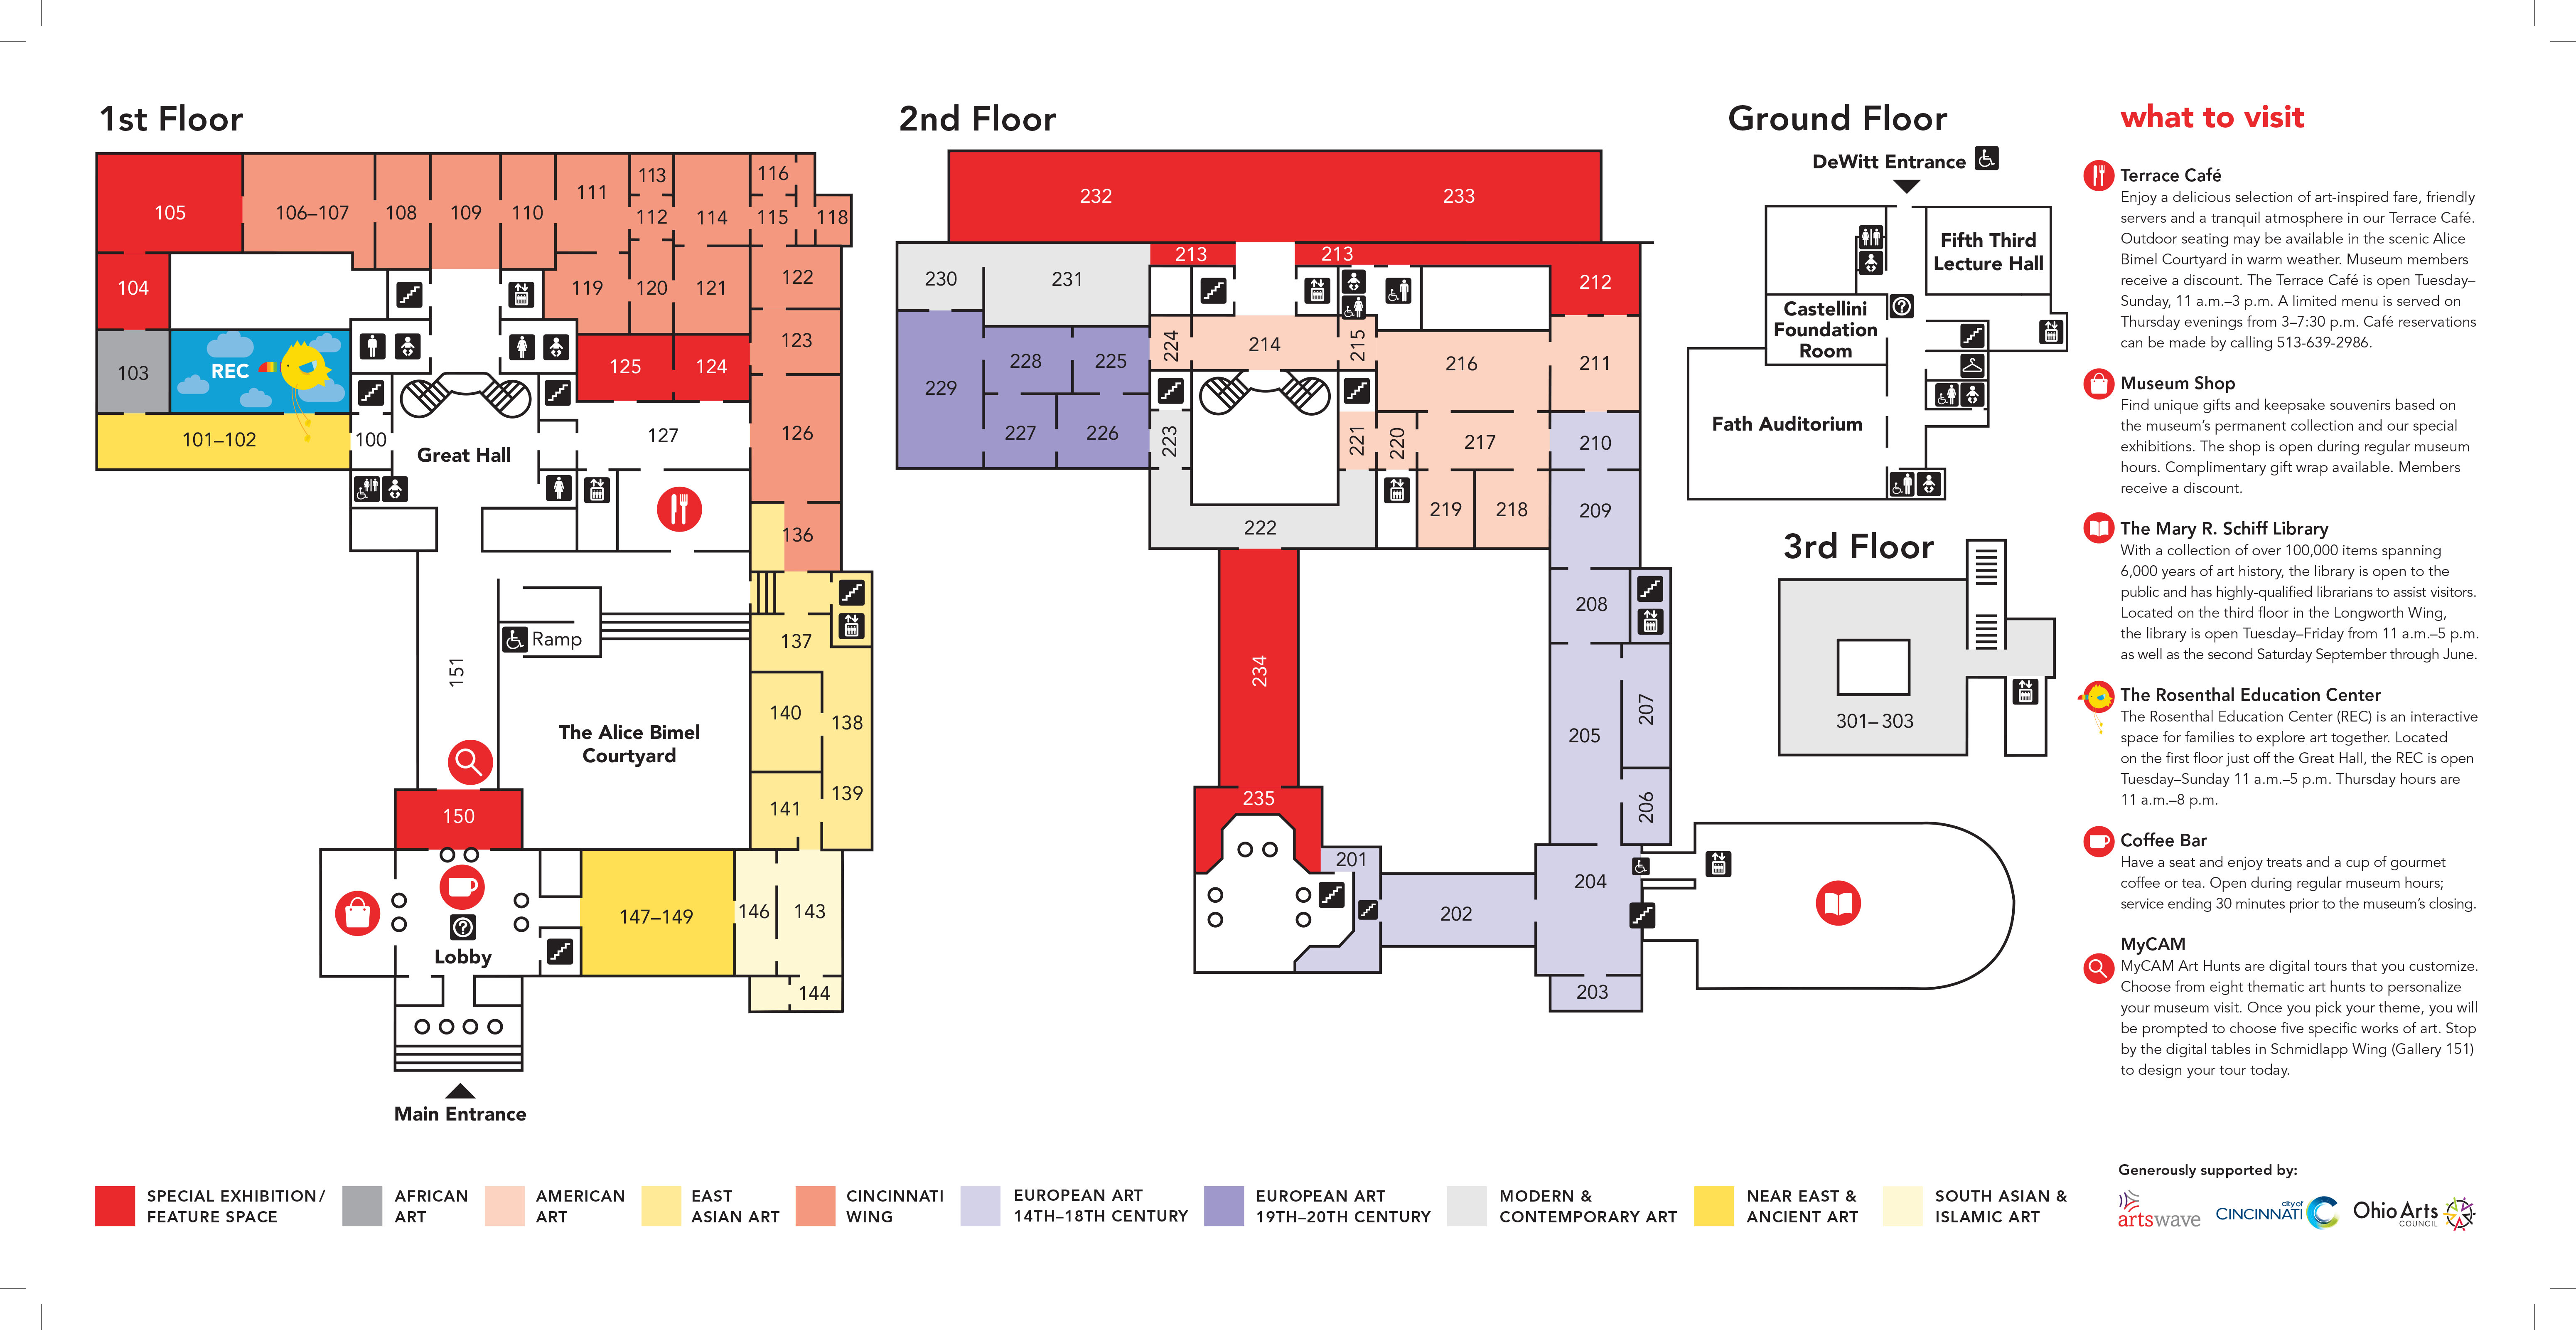 Gallery Map & Guides - Cincinnati Art Museum